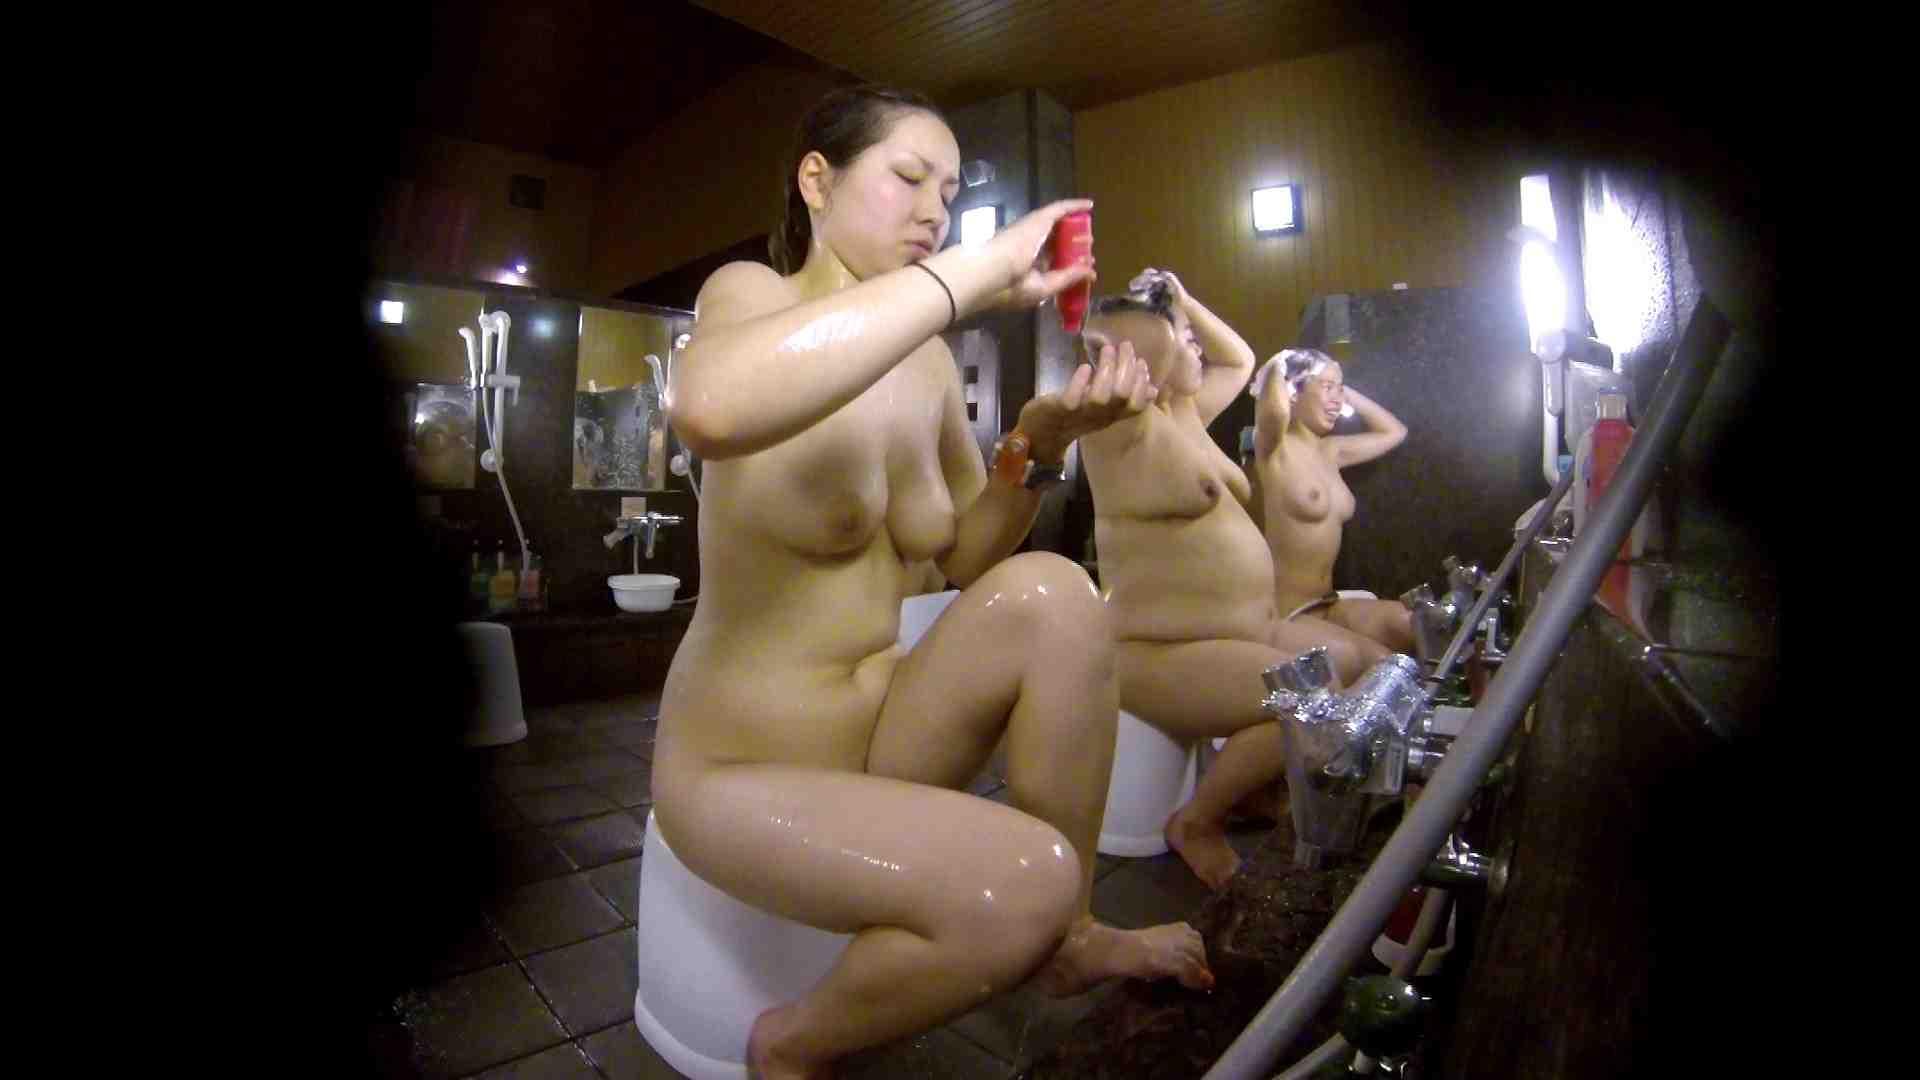 洗い場!色白でなかなかの美巨乳。柔らかく揺れまくりです 女湯のぞき エロ画像 94枚 60